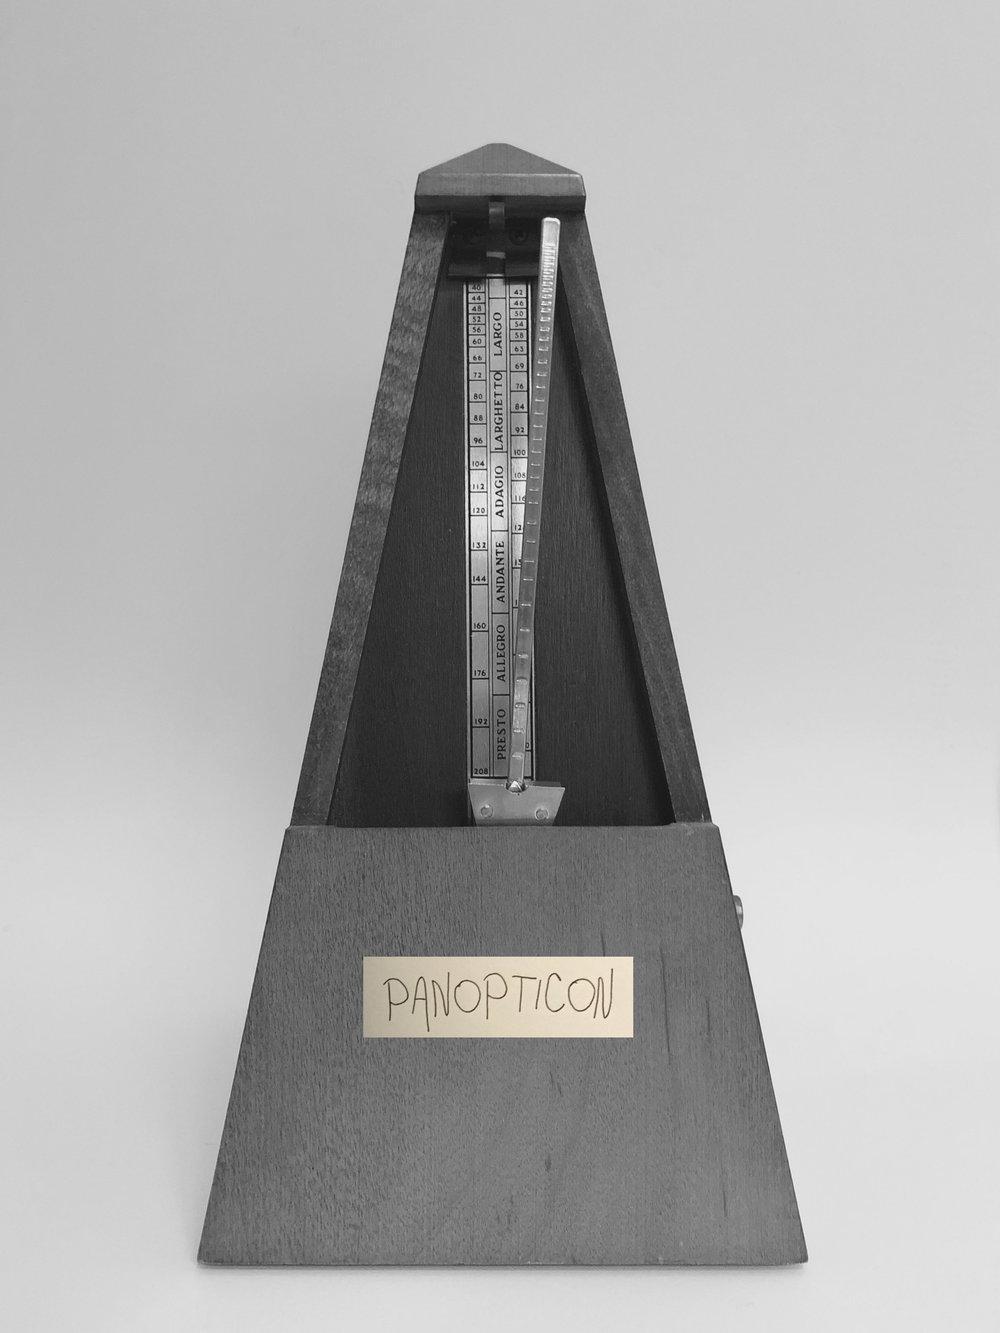 panimg300.JPEG